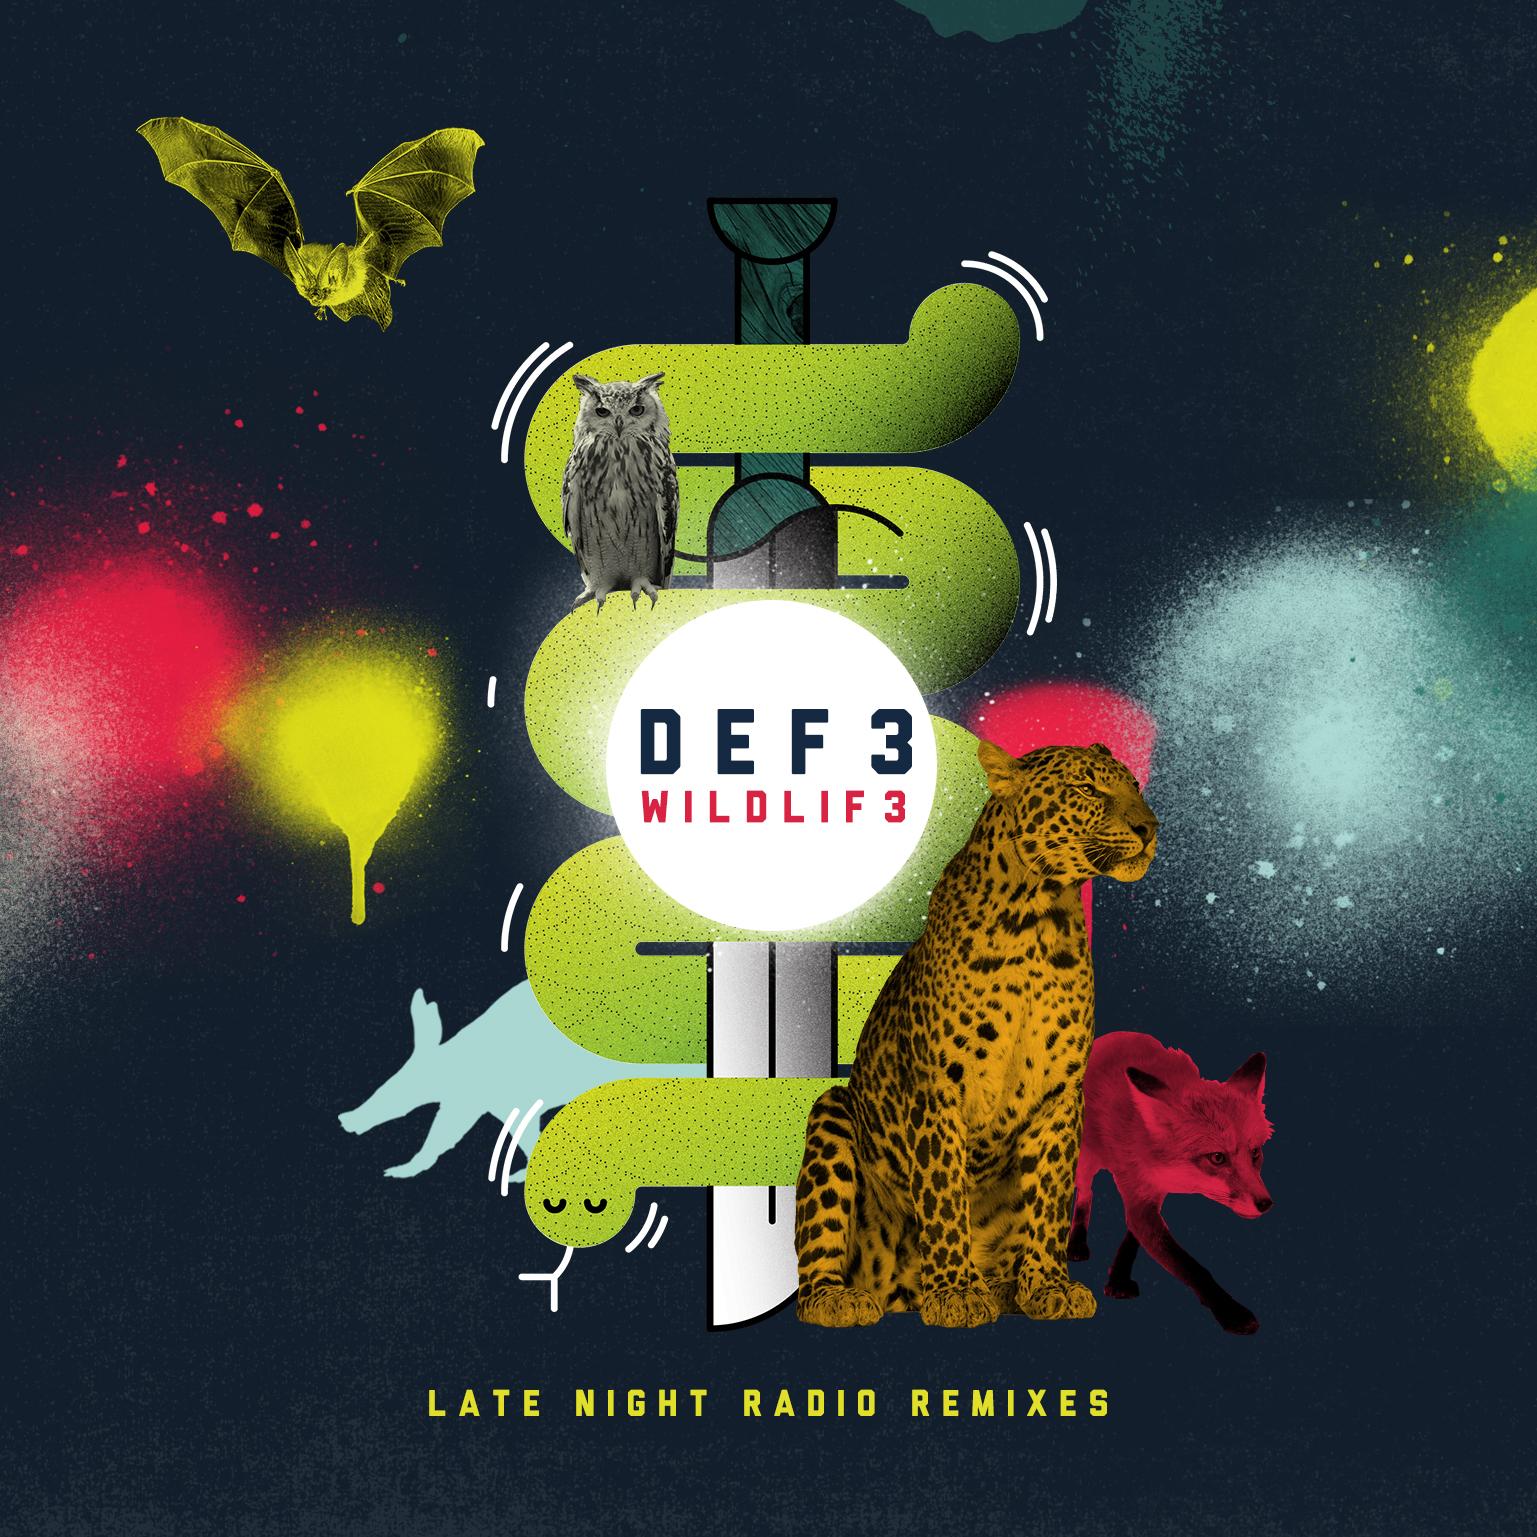 wildif3-remix-5